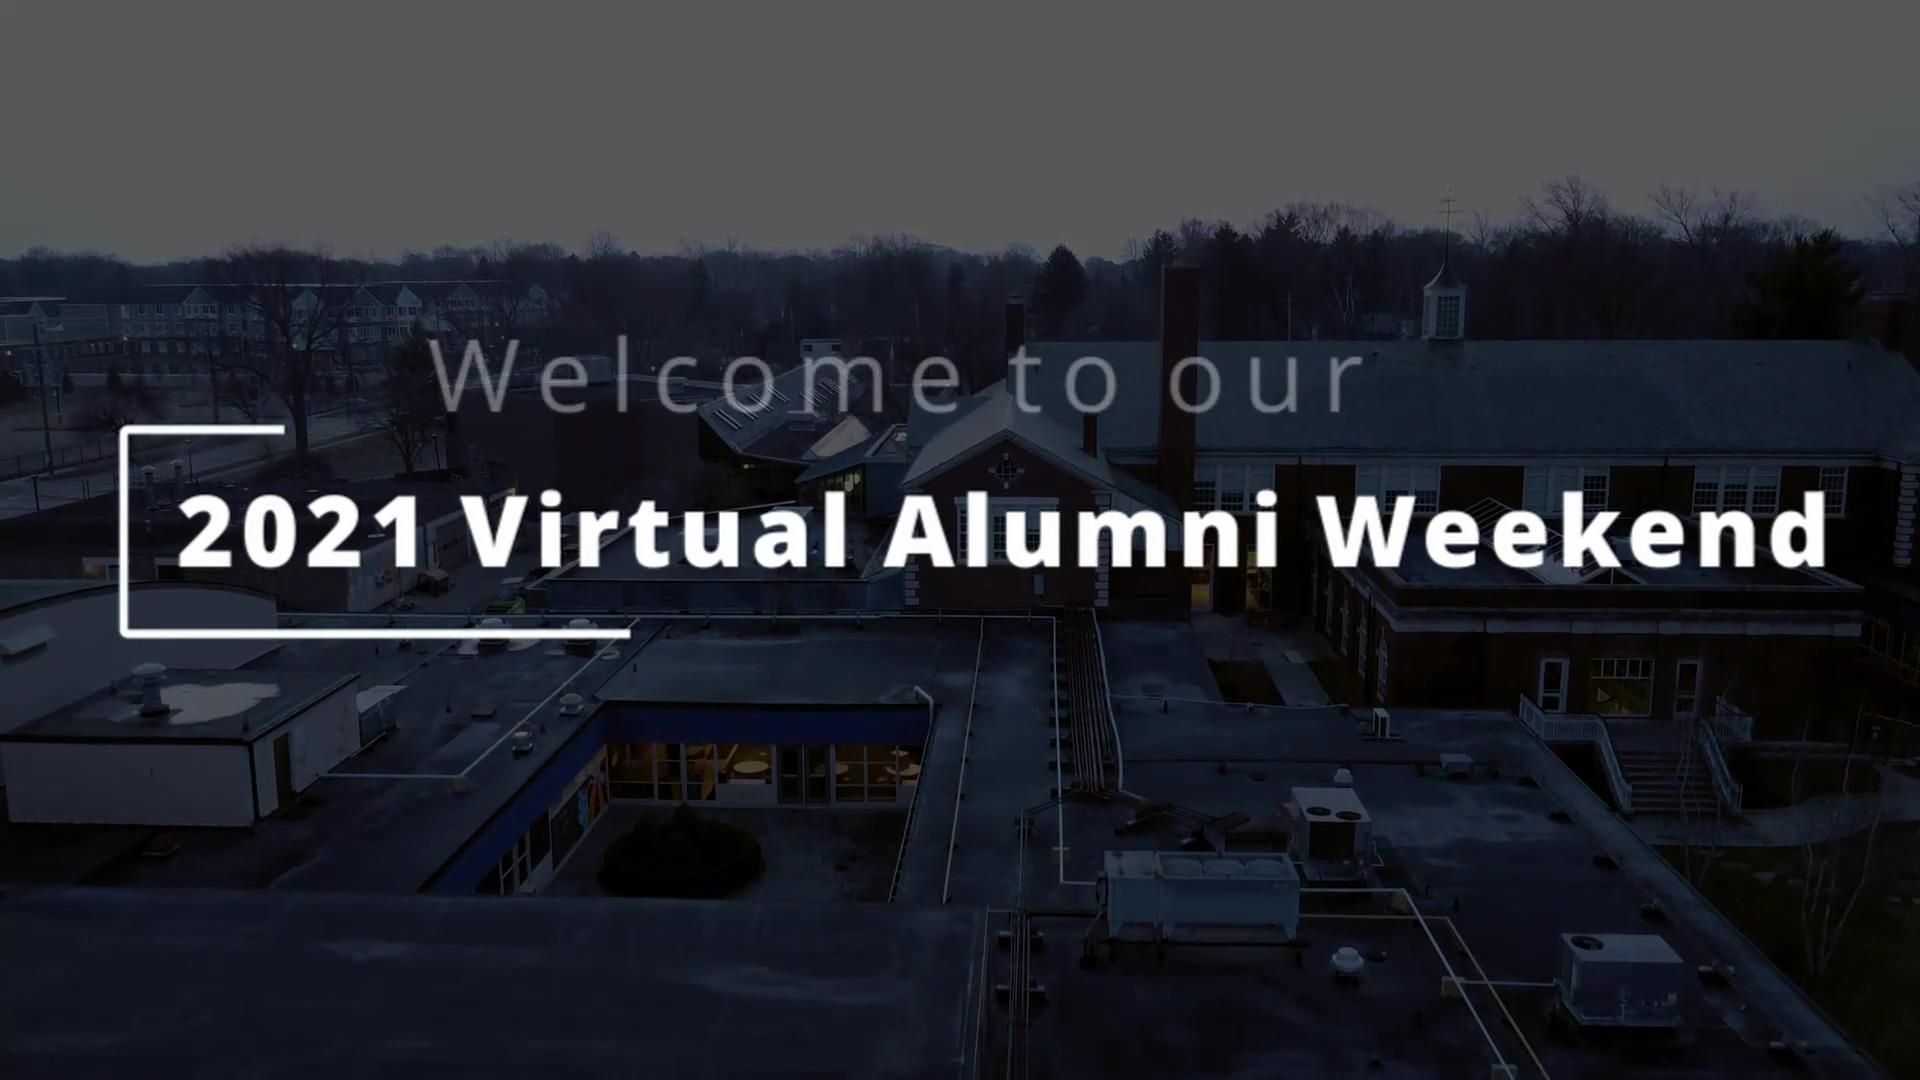 2021 Alumni Weekend Welcome